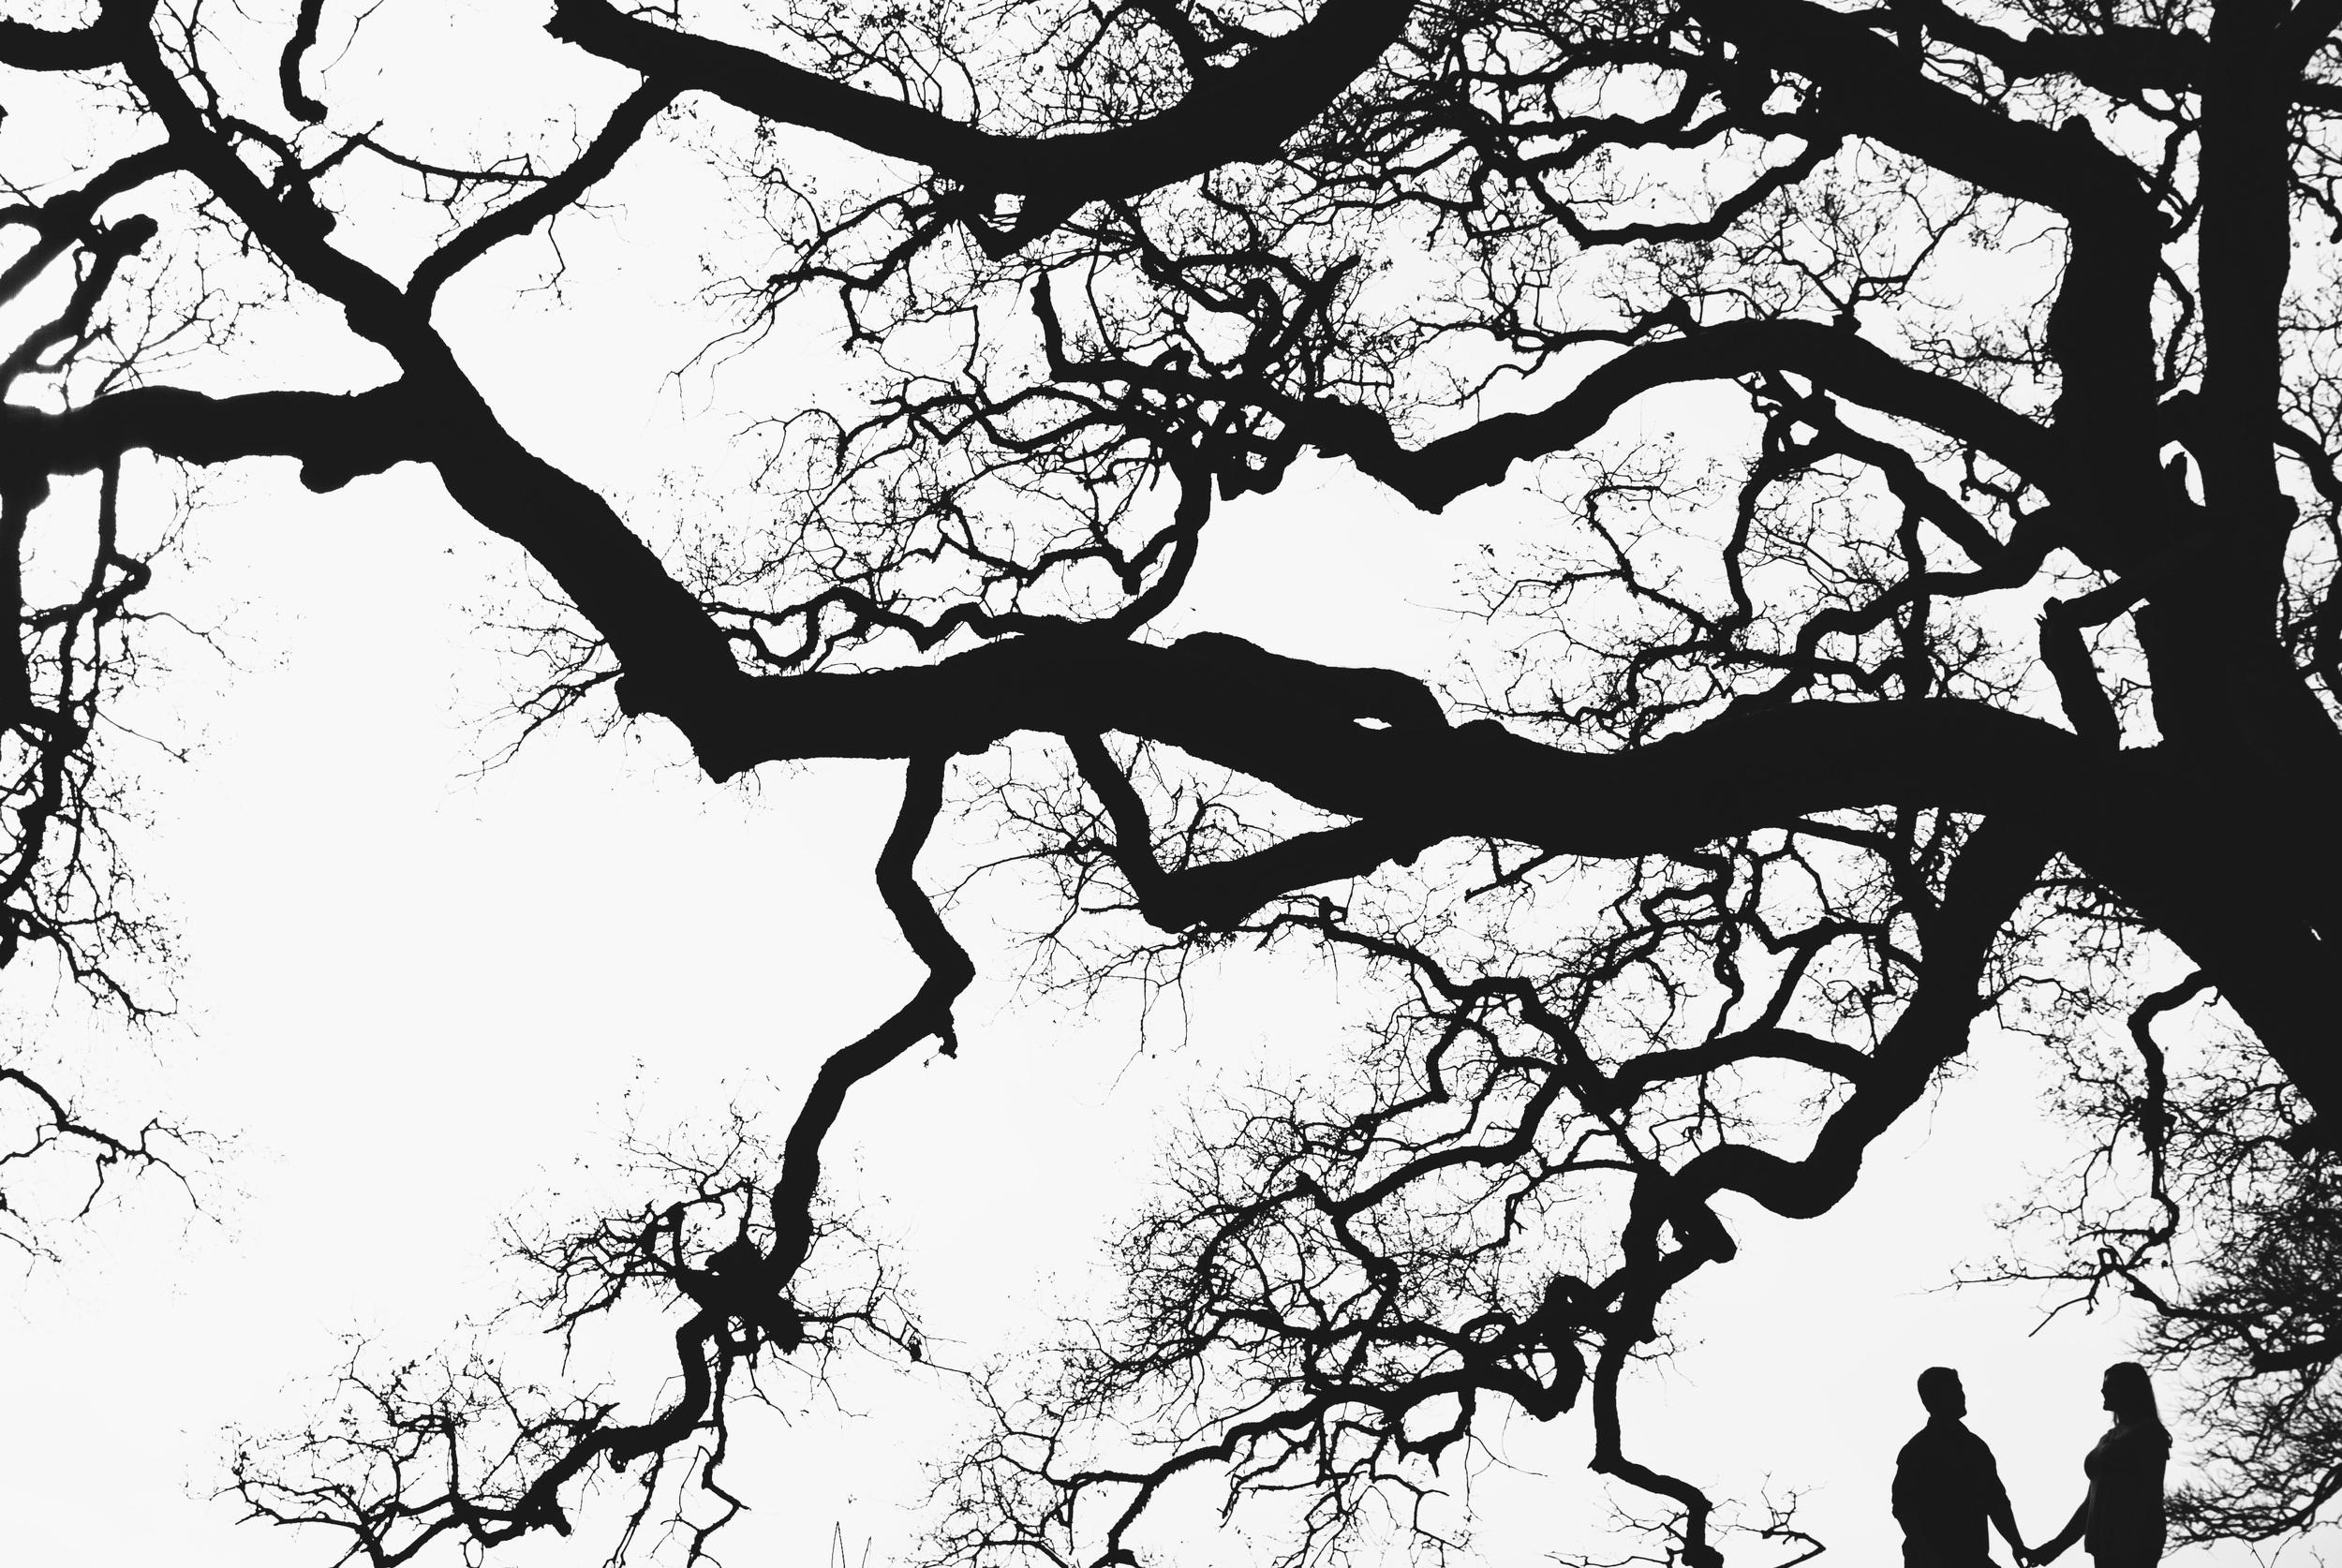 Molly_Tree_bw2.jpg